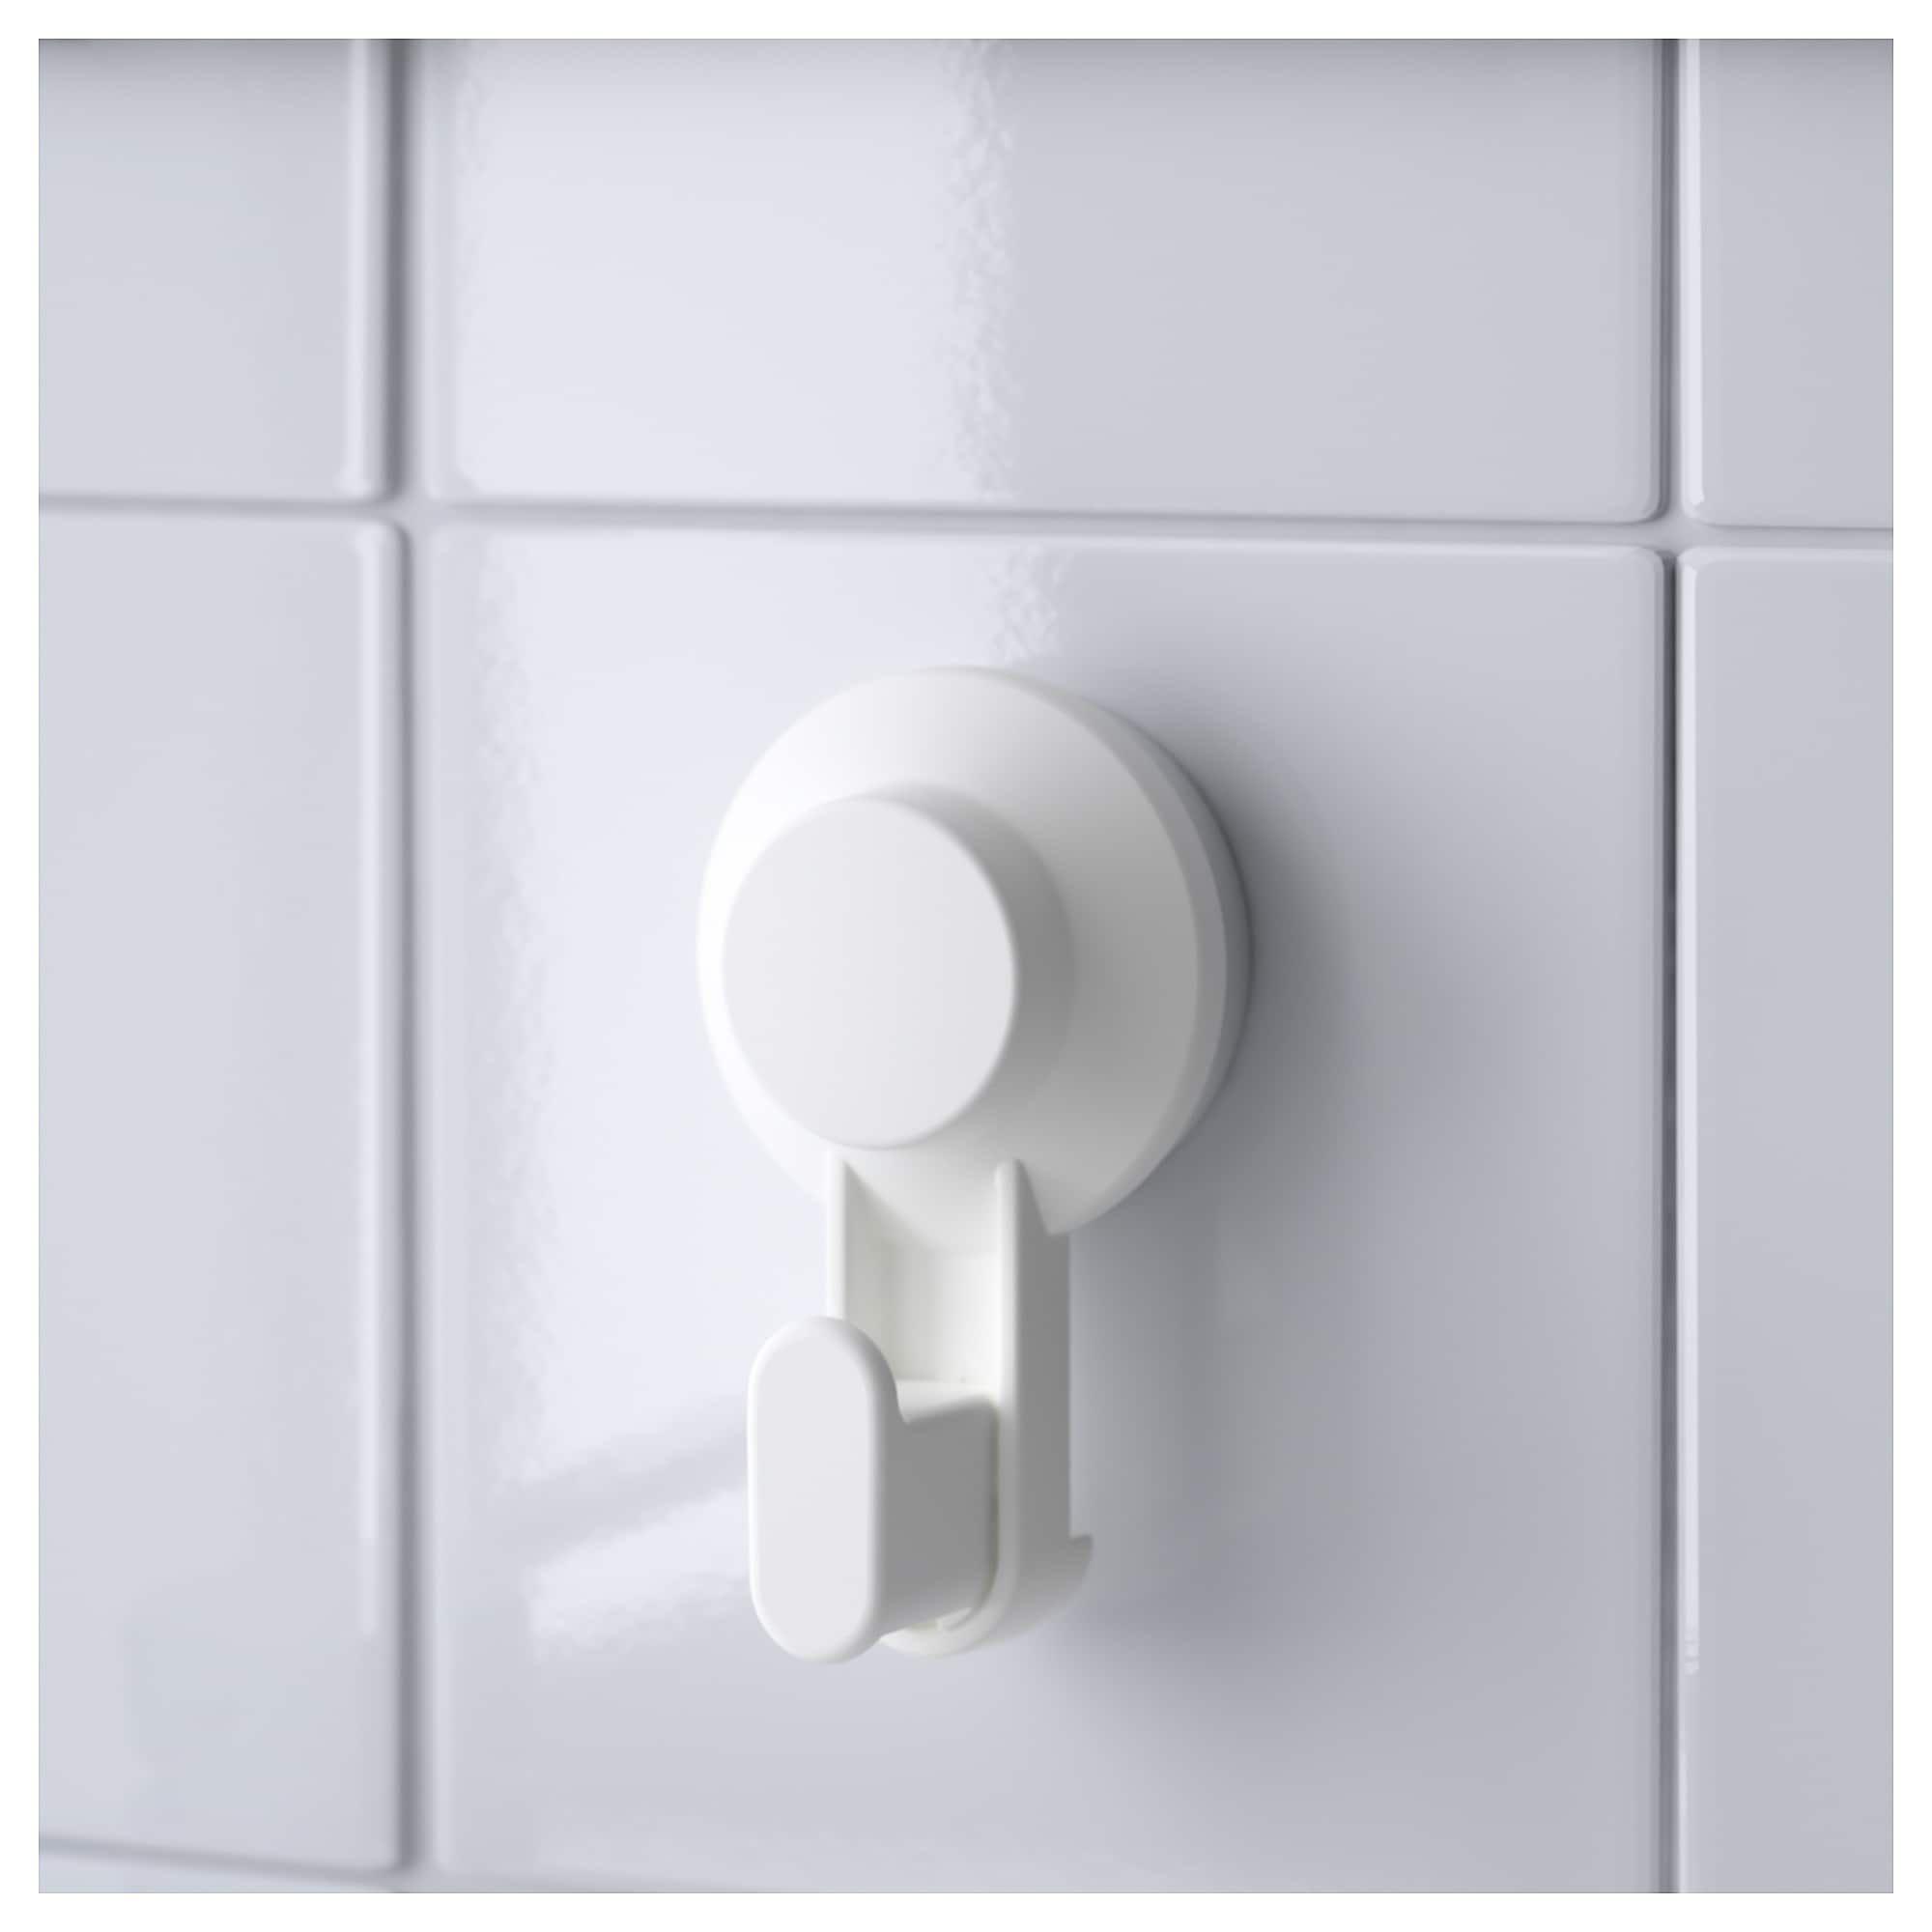 Tisken Haken Mit Saugnapf Weiss Ikea Osterreich Spiegelglas Handtuchhalter Und Reinigungsmittel